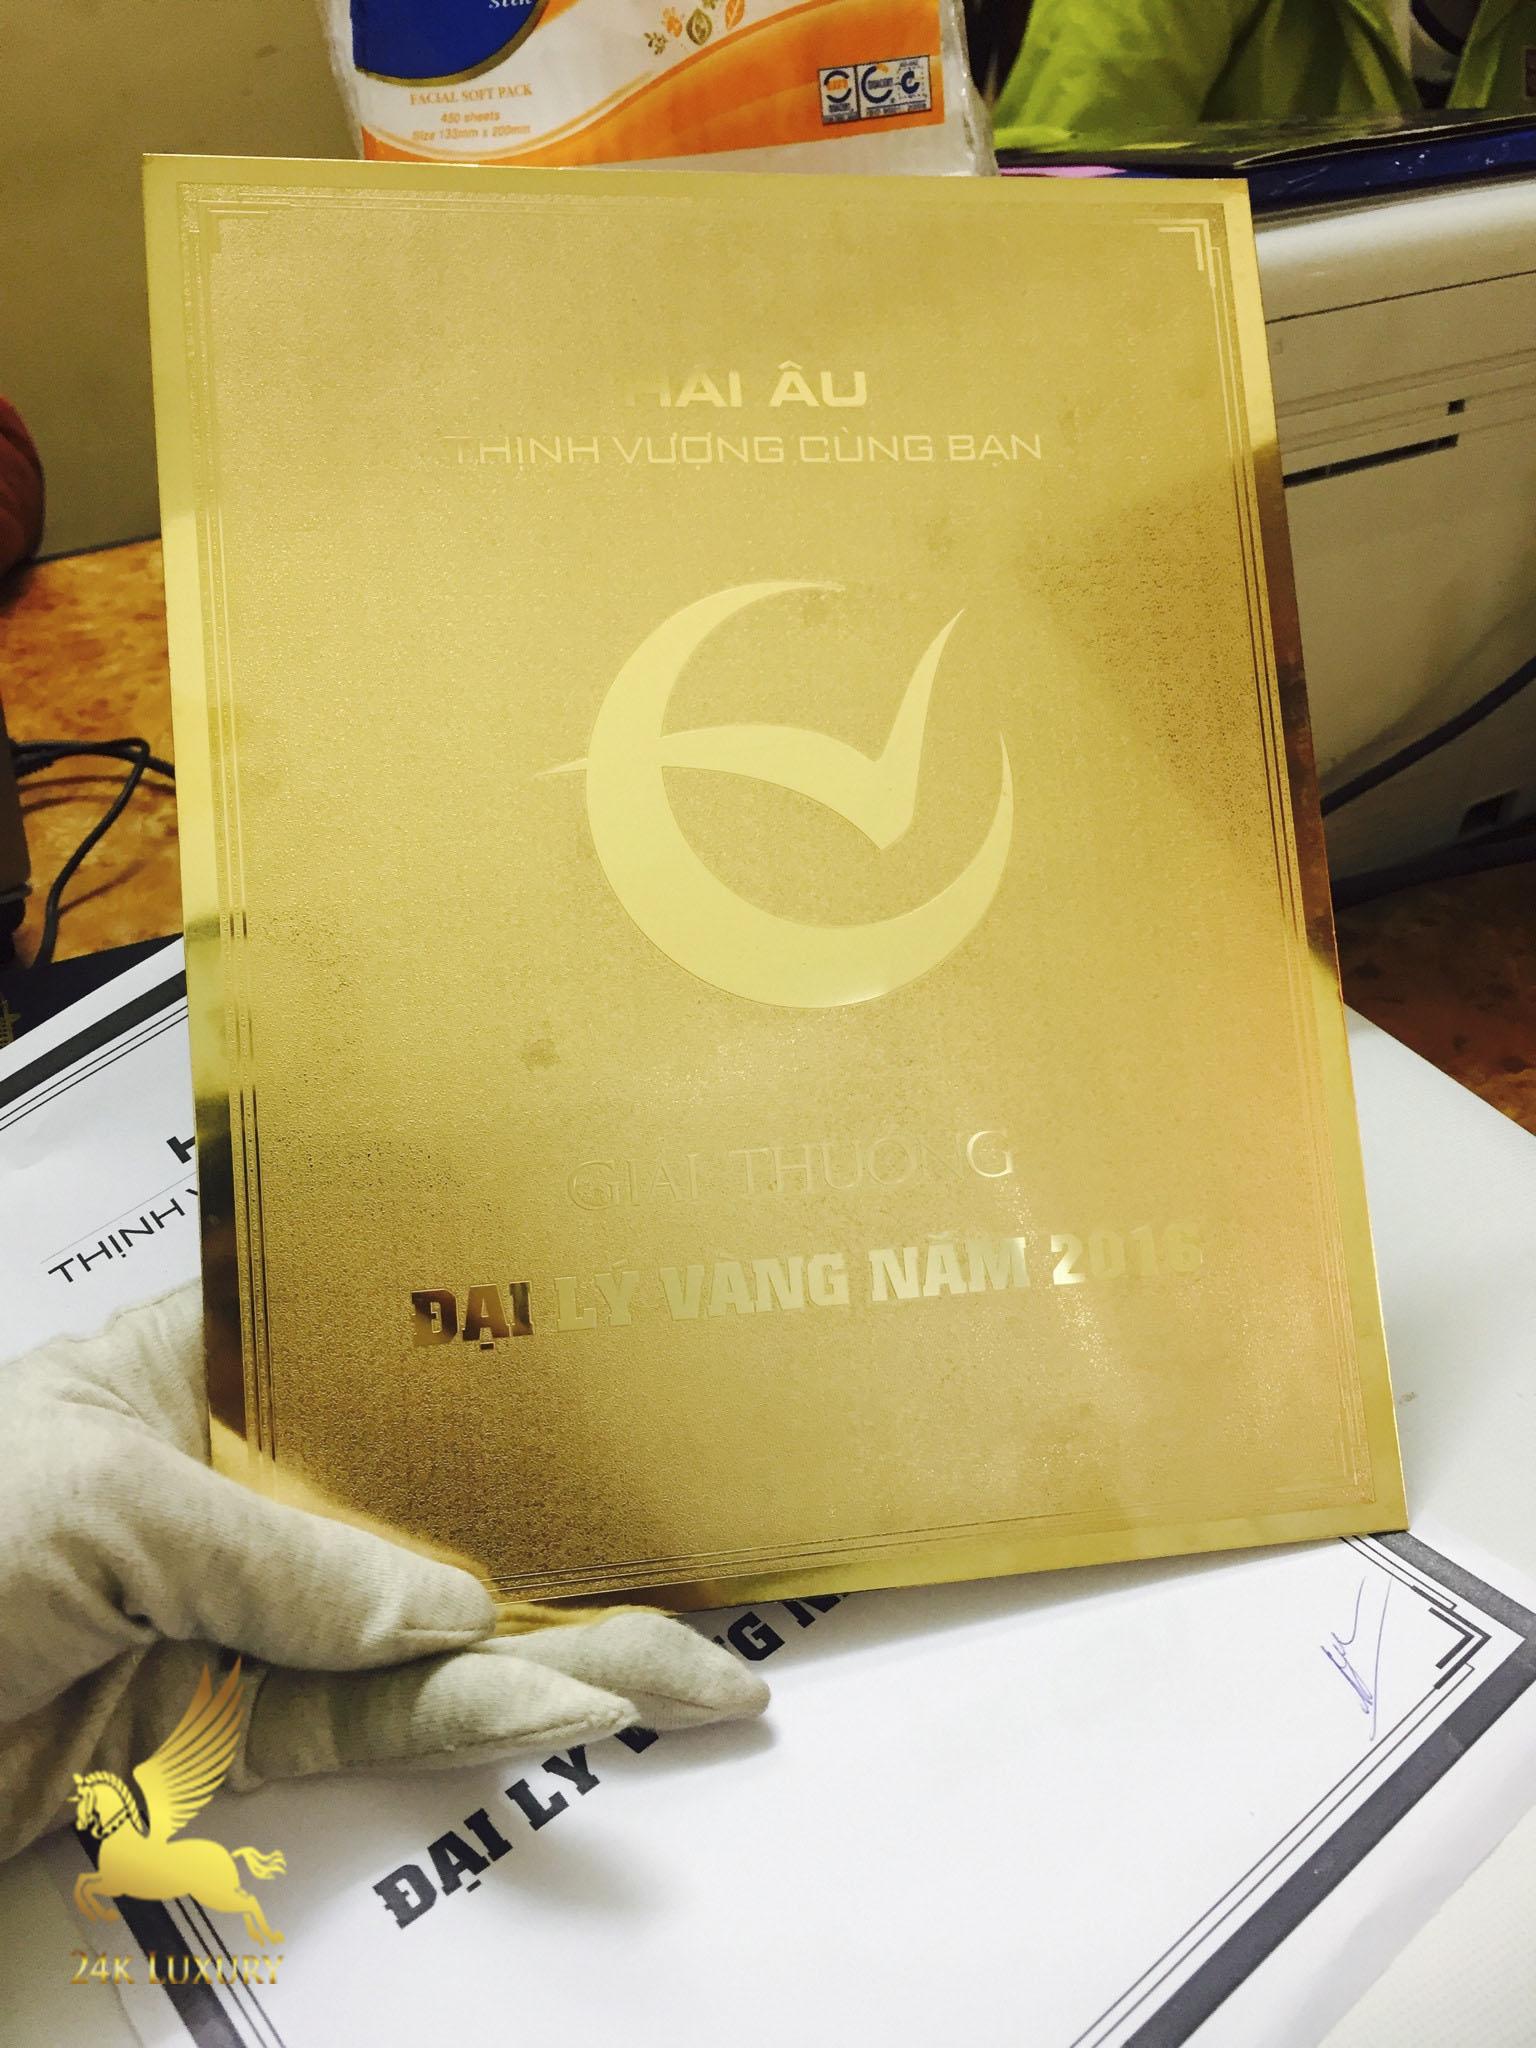 Kỷ niệm chương mạ vàng thể hiện được sự sang trọng và nổi bật,         là món quà thực sự ý nghĩa